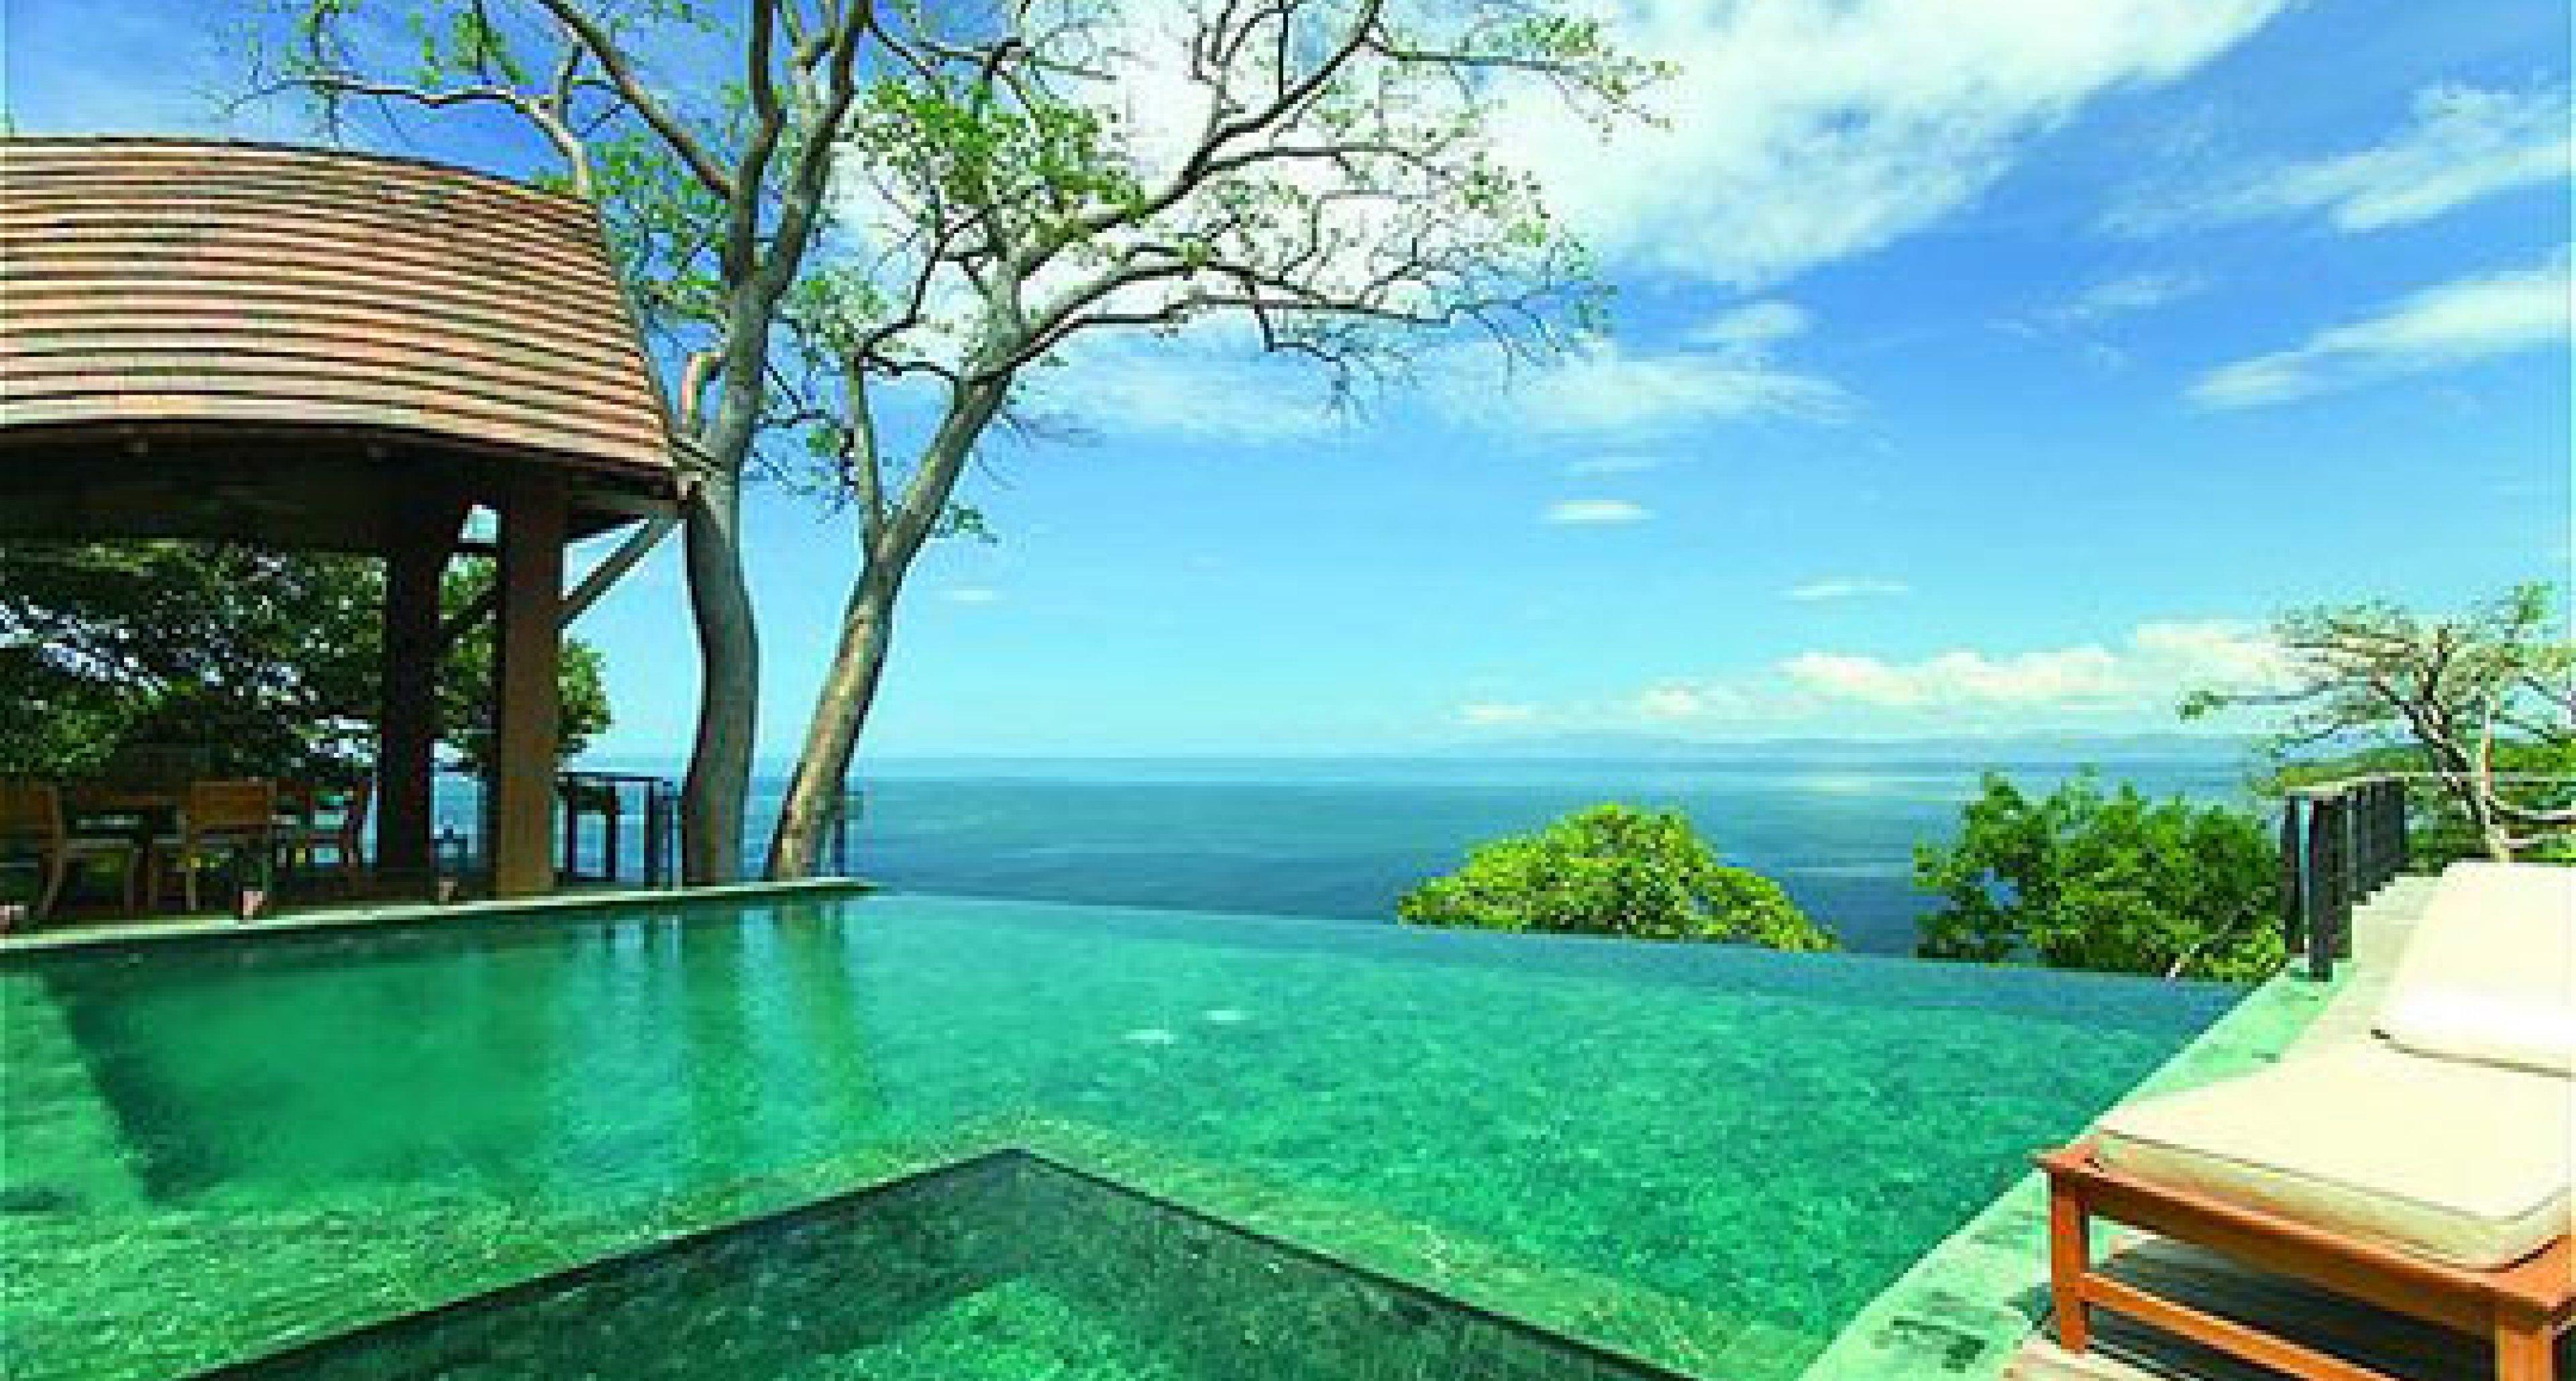 Luxury Residence Club: Urlaub an den schönsten Plätzen der Erde